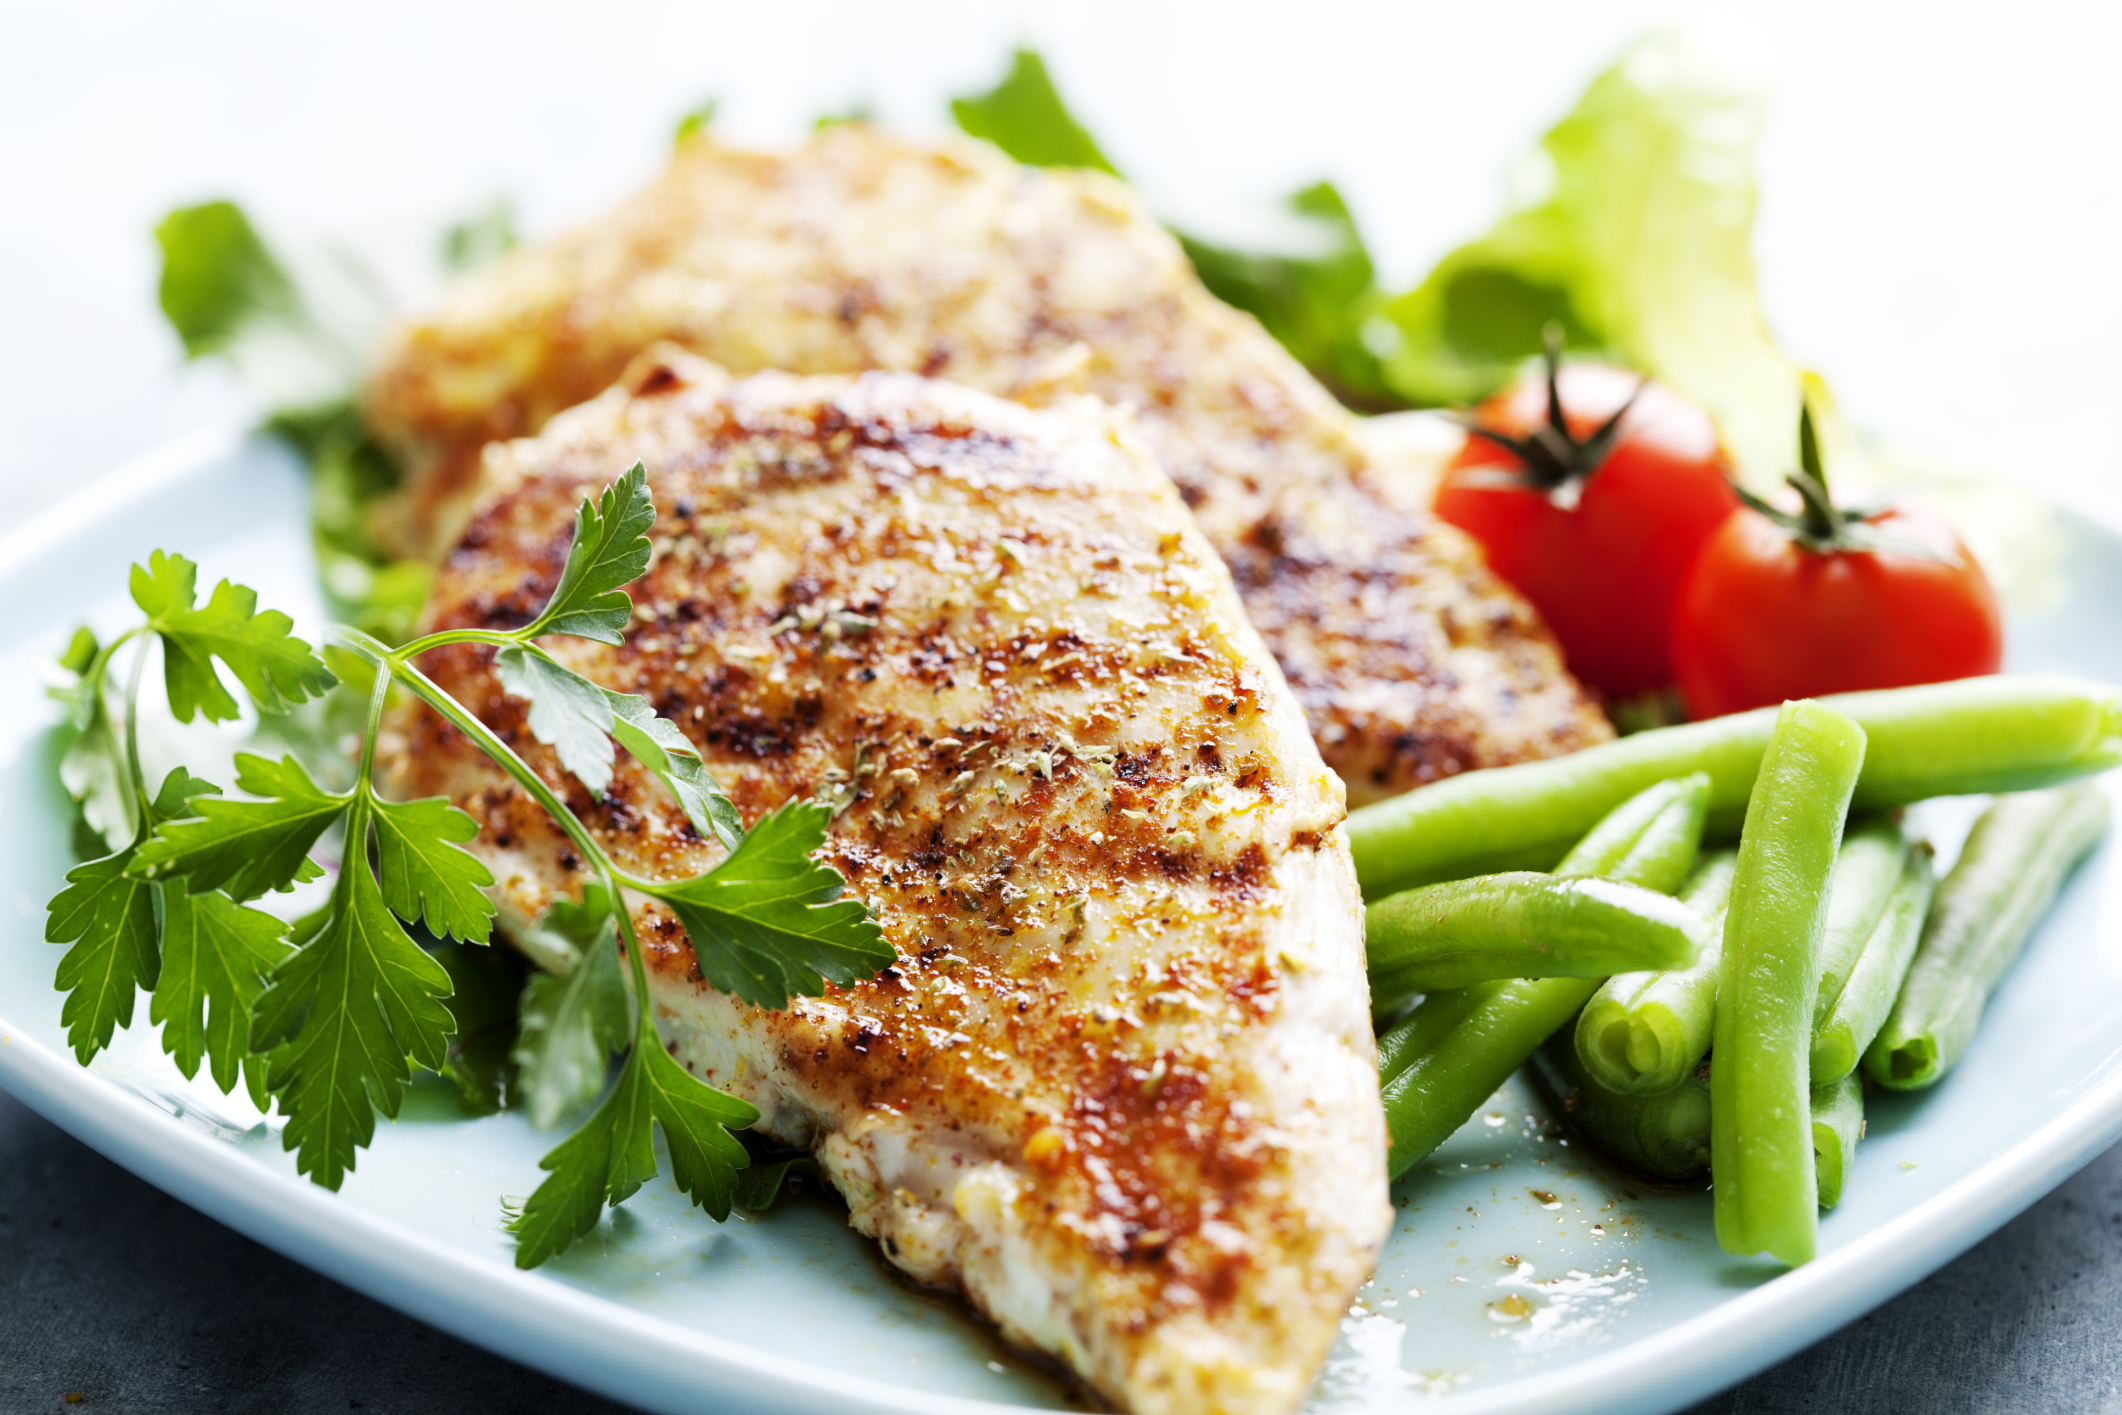 Puisque vous ne pouvez pas utiliser de sel, ajoutez des épices au poulet avant de le cuire.